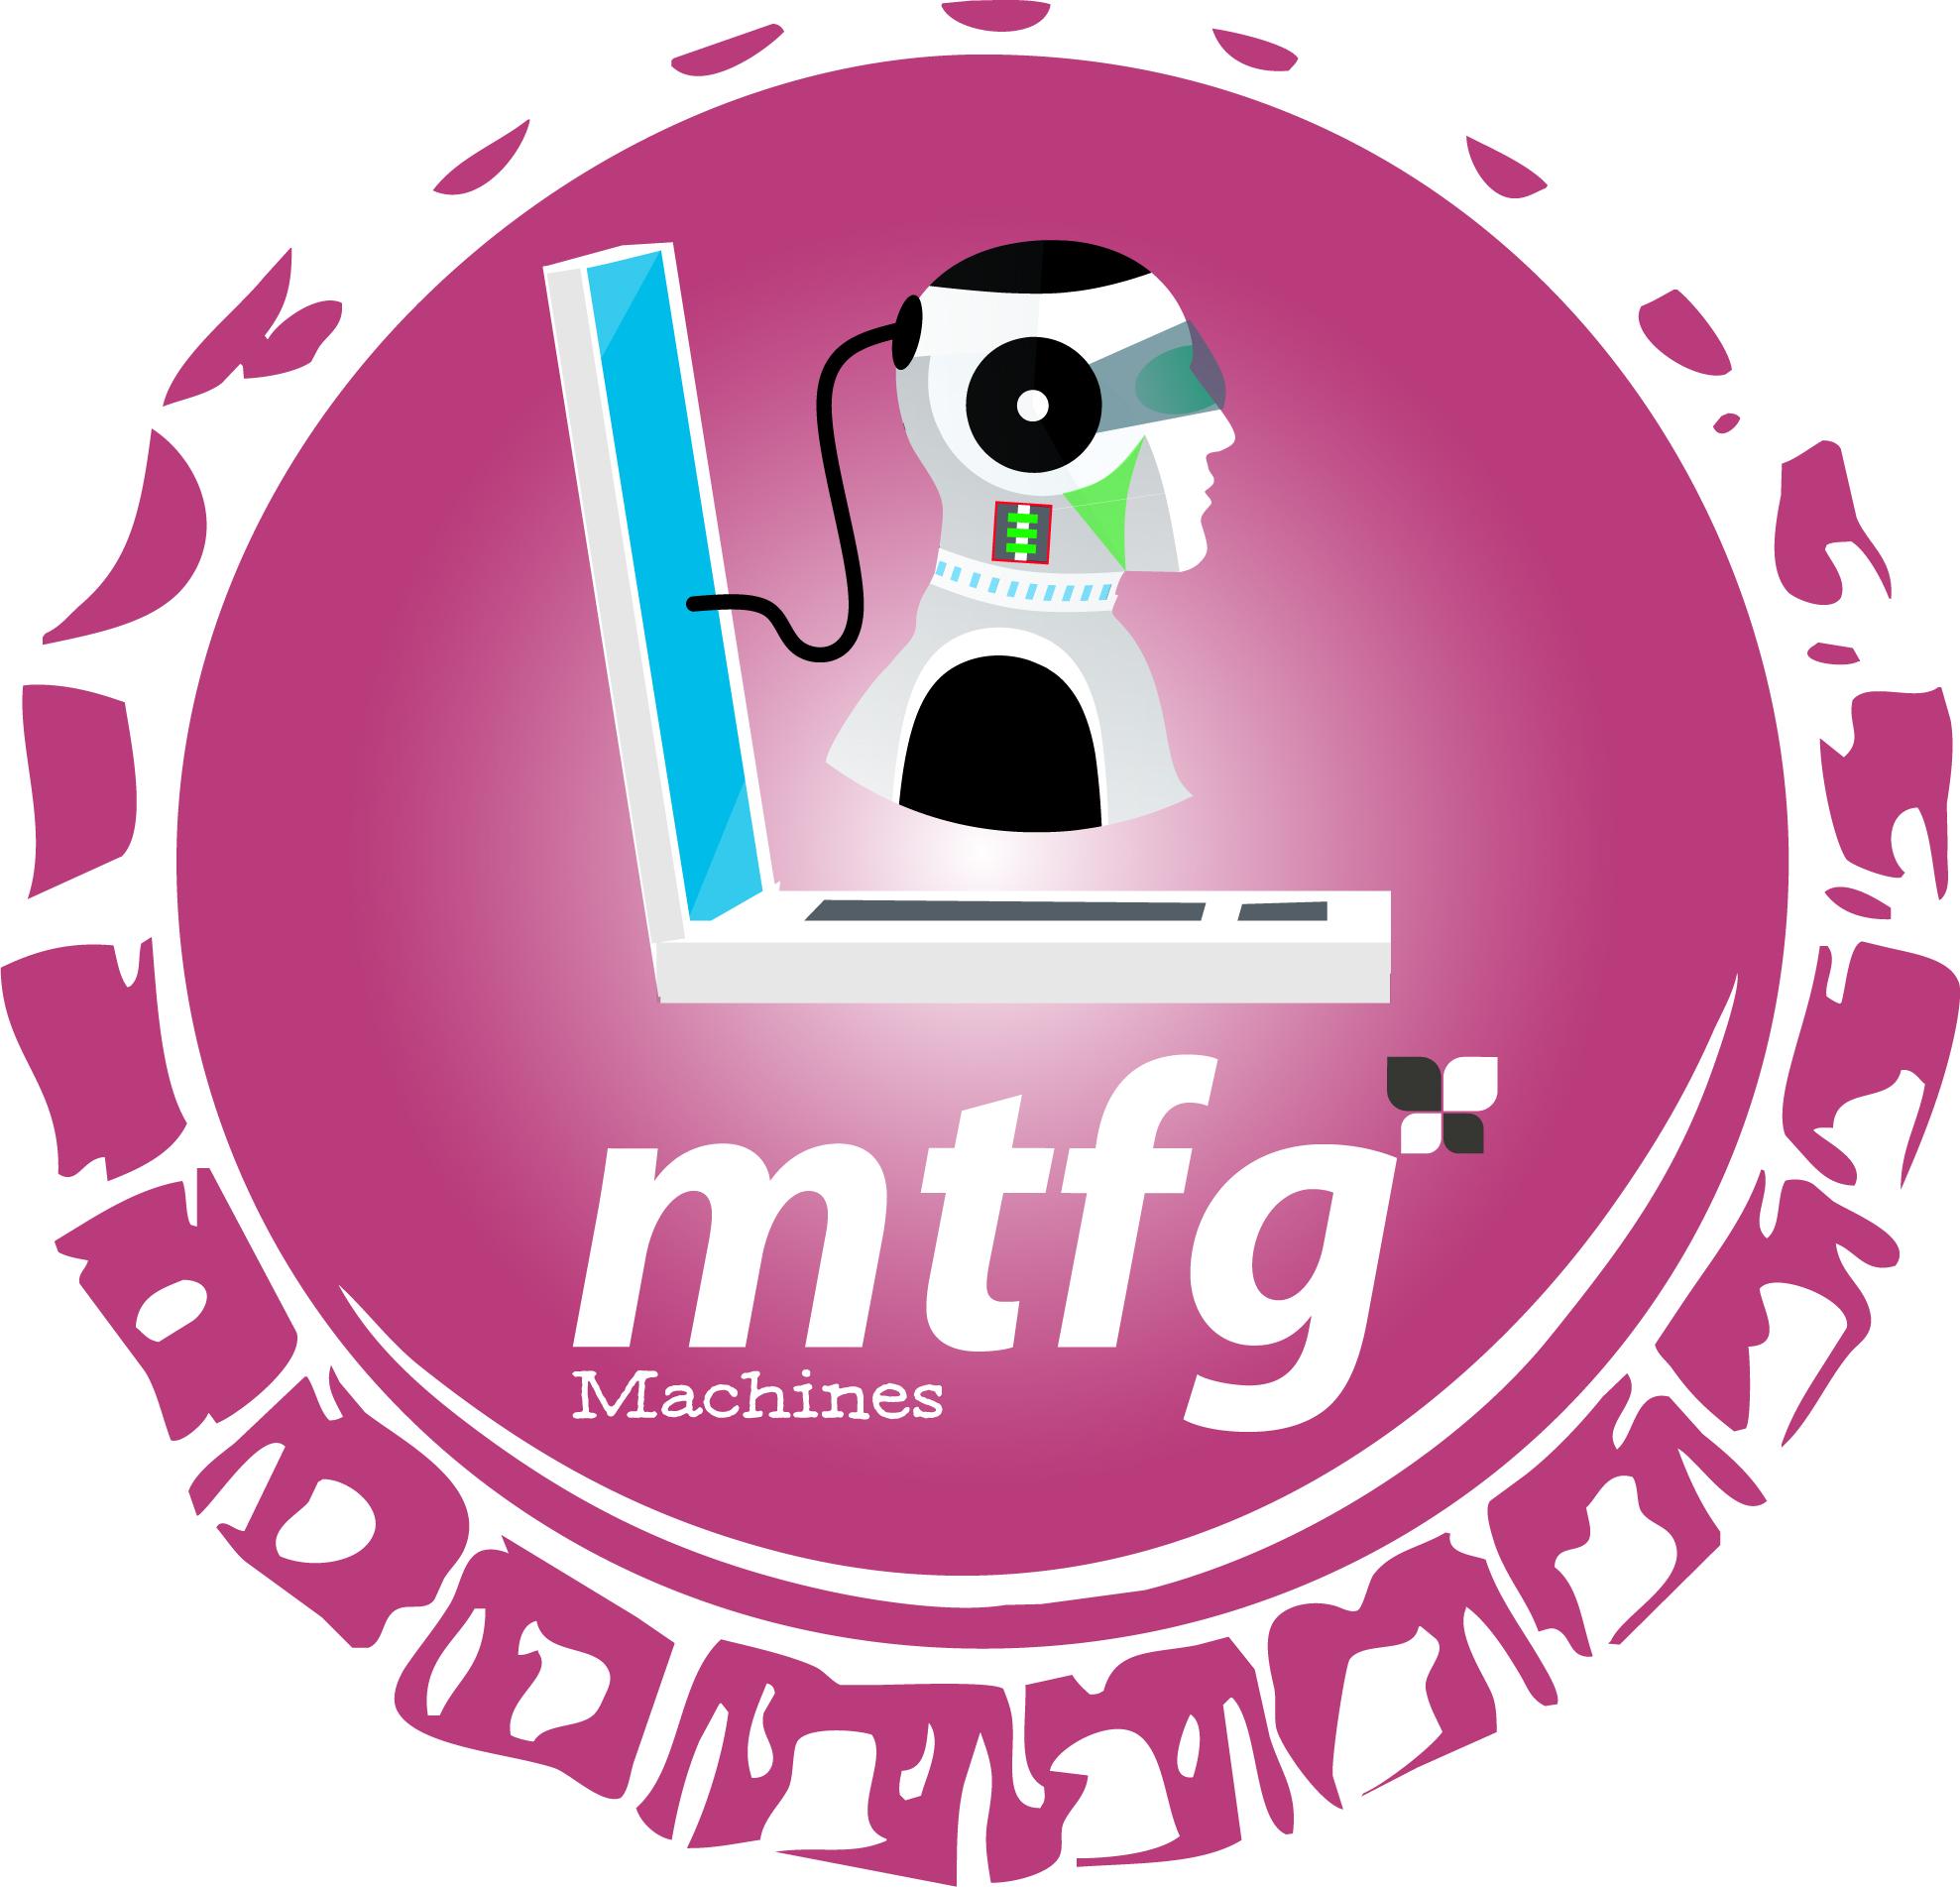 MTFG Machines